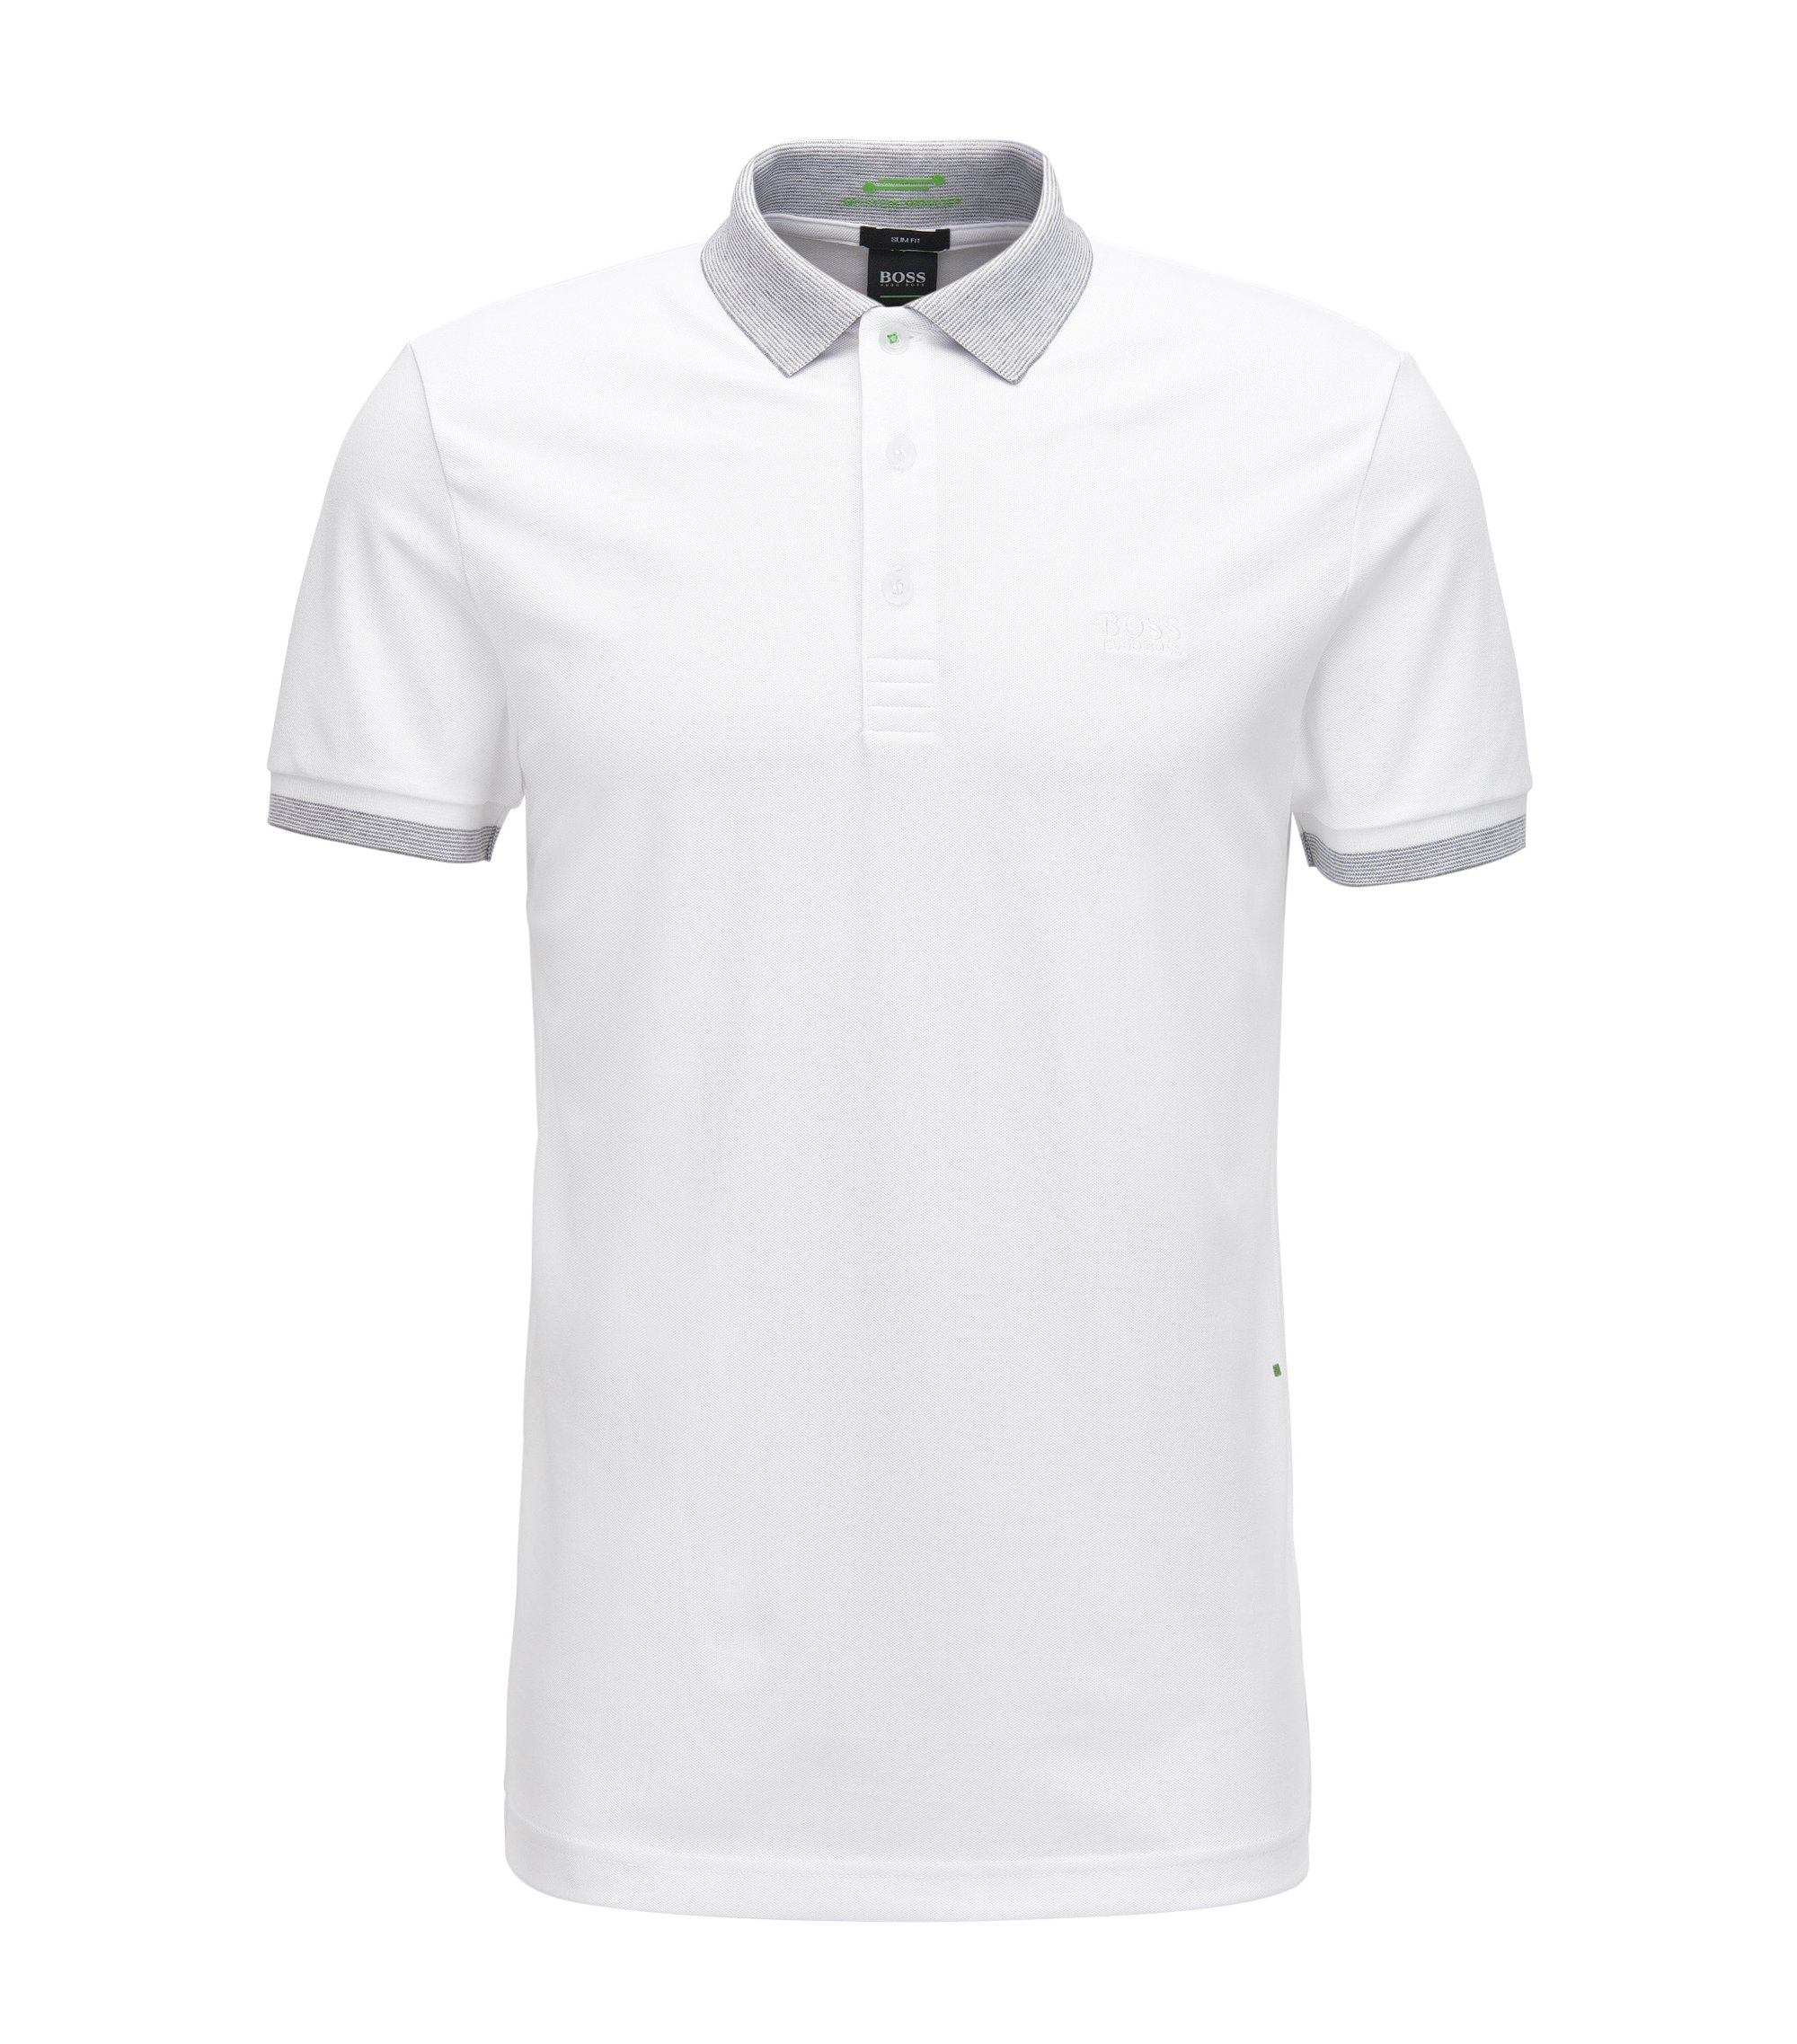 Slim-Fit Poloshirt aus elastischem Baumwoll-Mix mit S.Café®-Technologie, Weiß